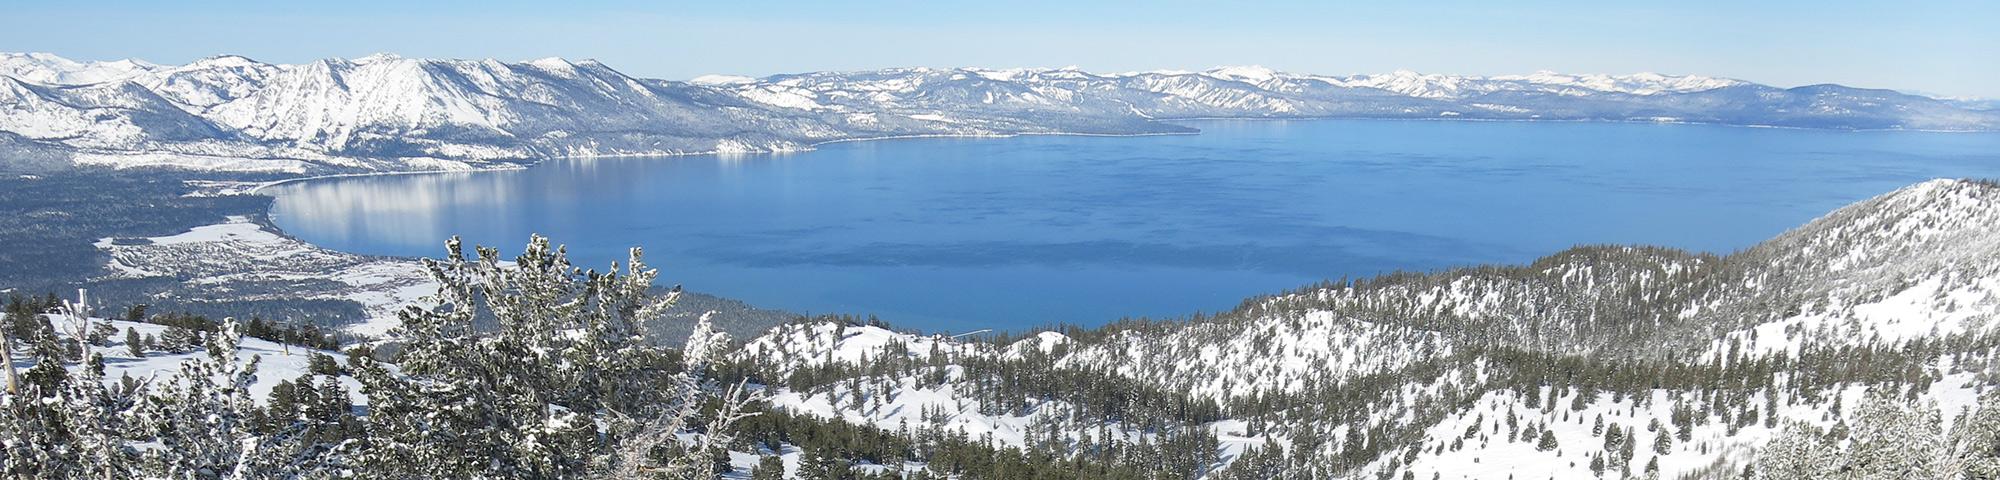 the 6 best lake tahoe ski resorts - updated 2018/19 - snowpak